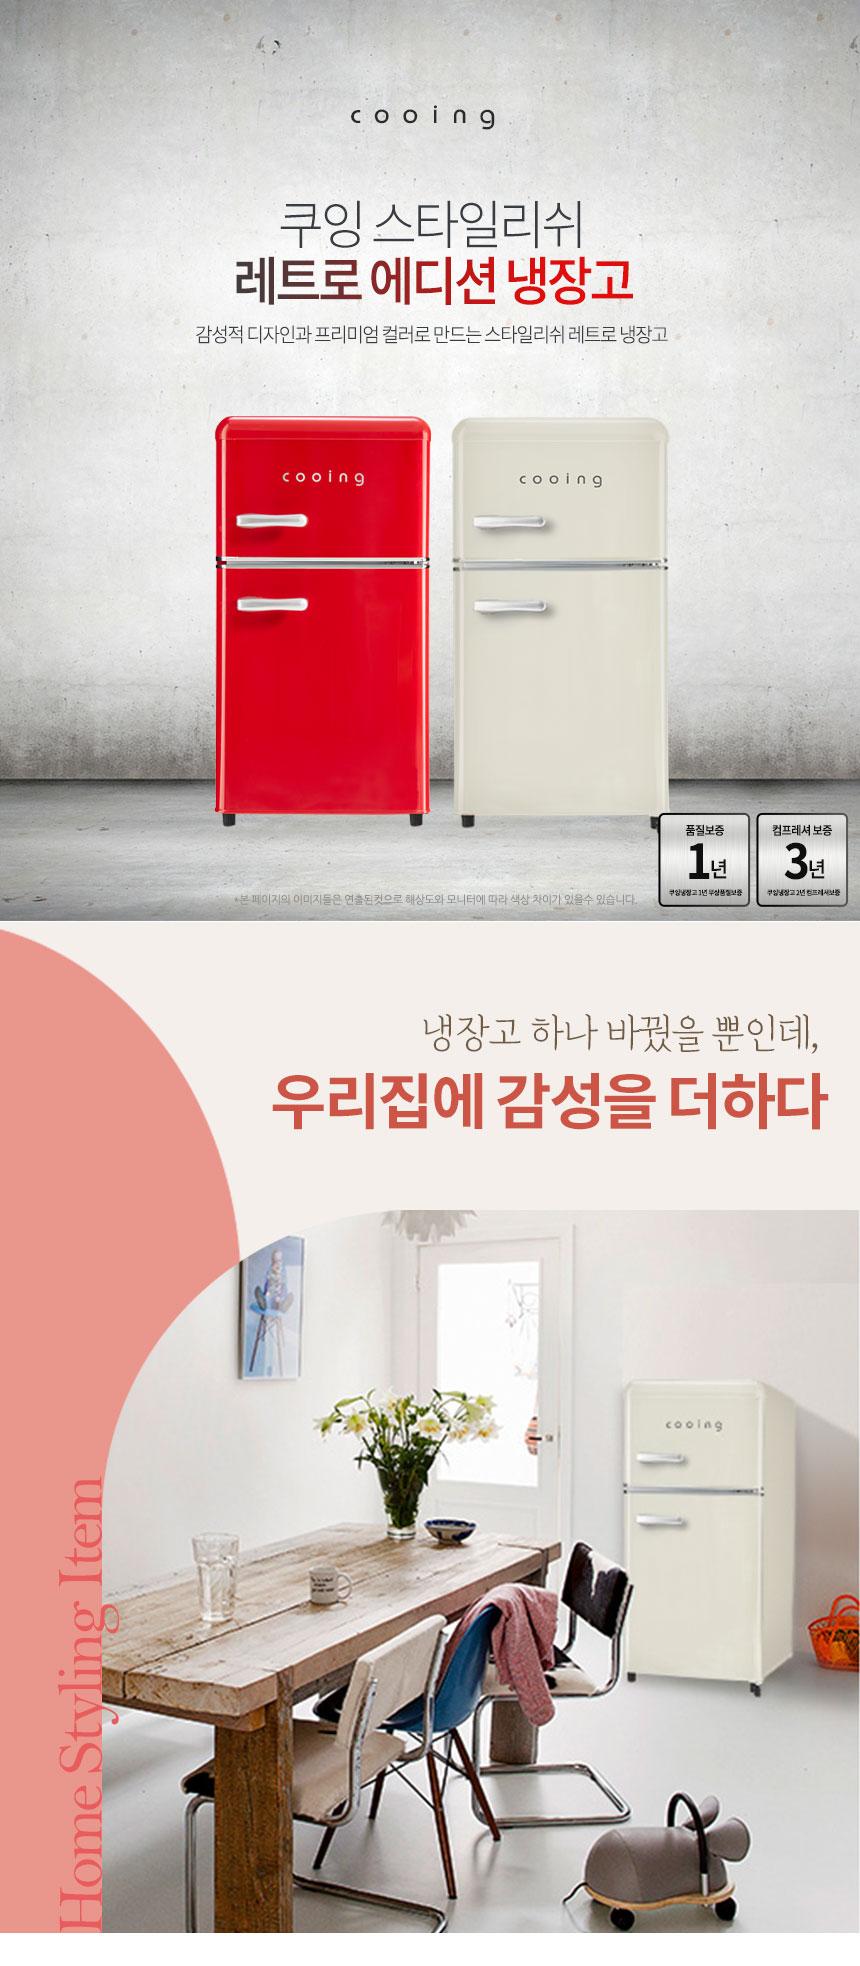 상세페이지 1, 쿠잉 스타일리쉬 레트로 에디션 냉장고